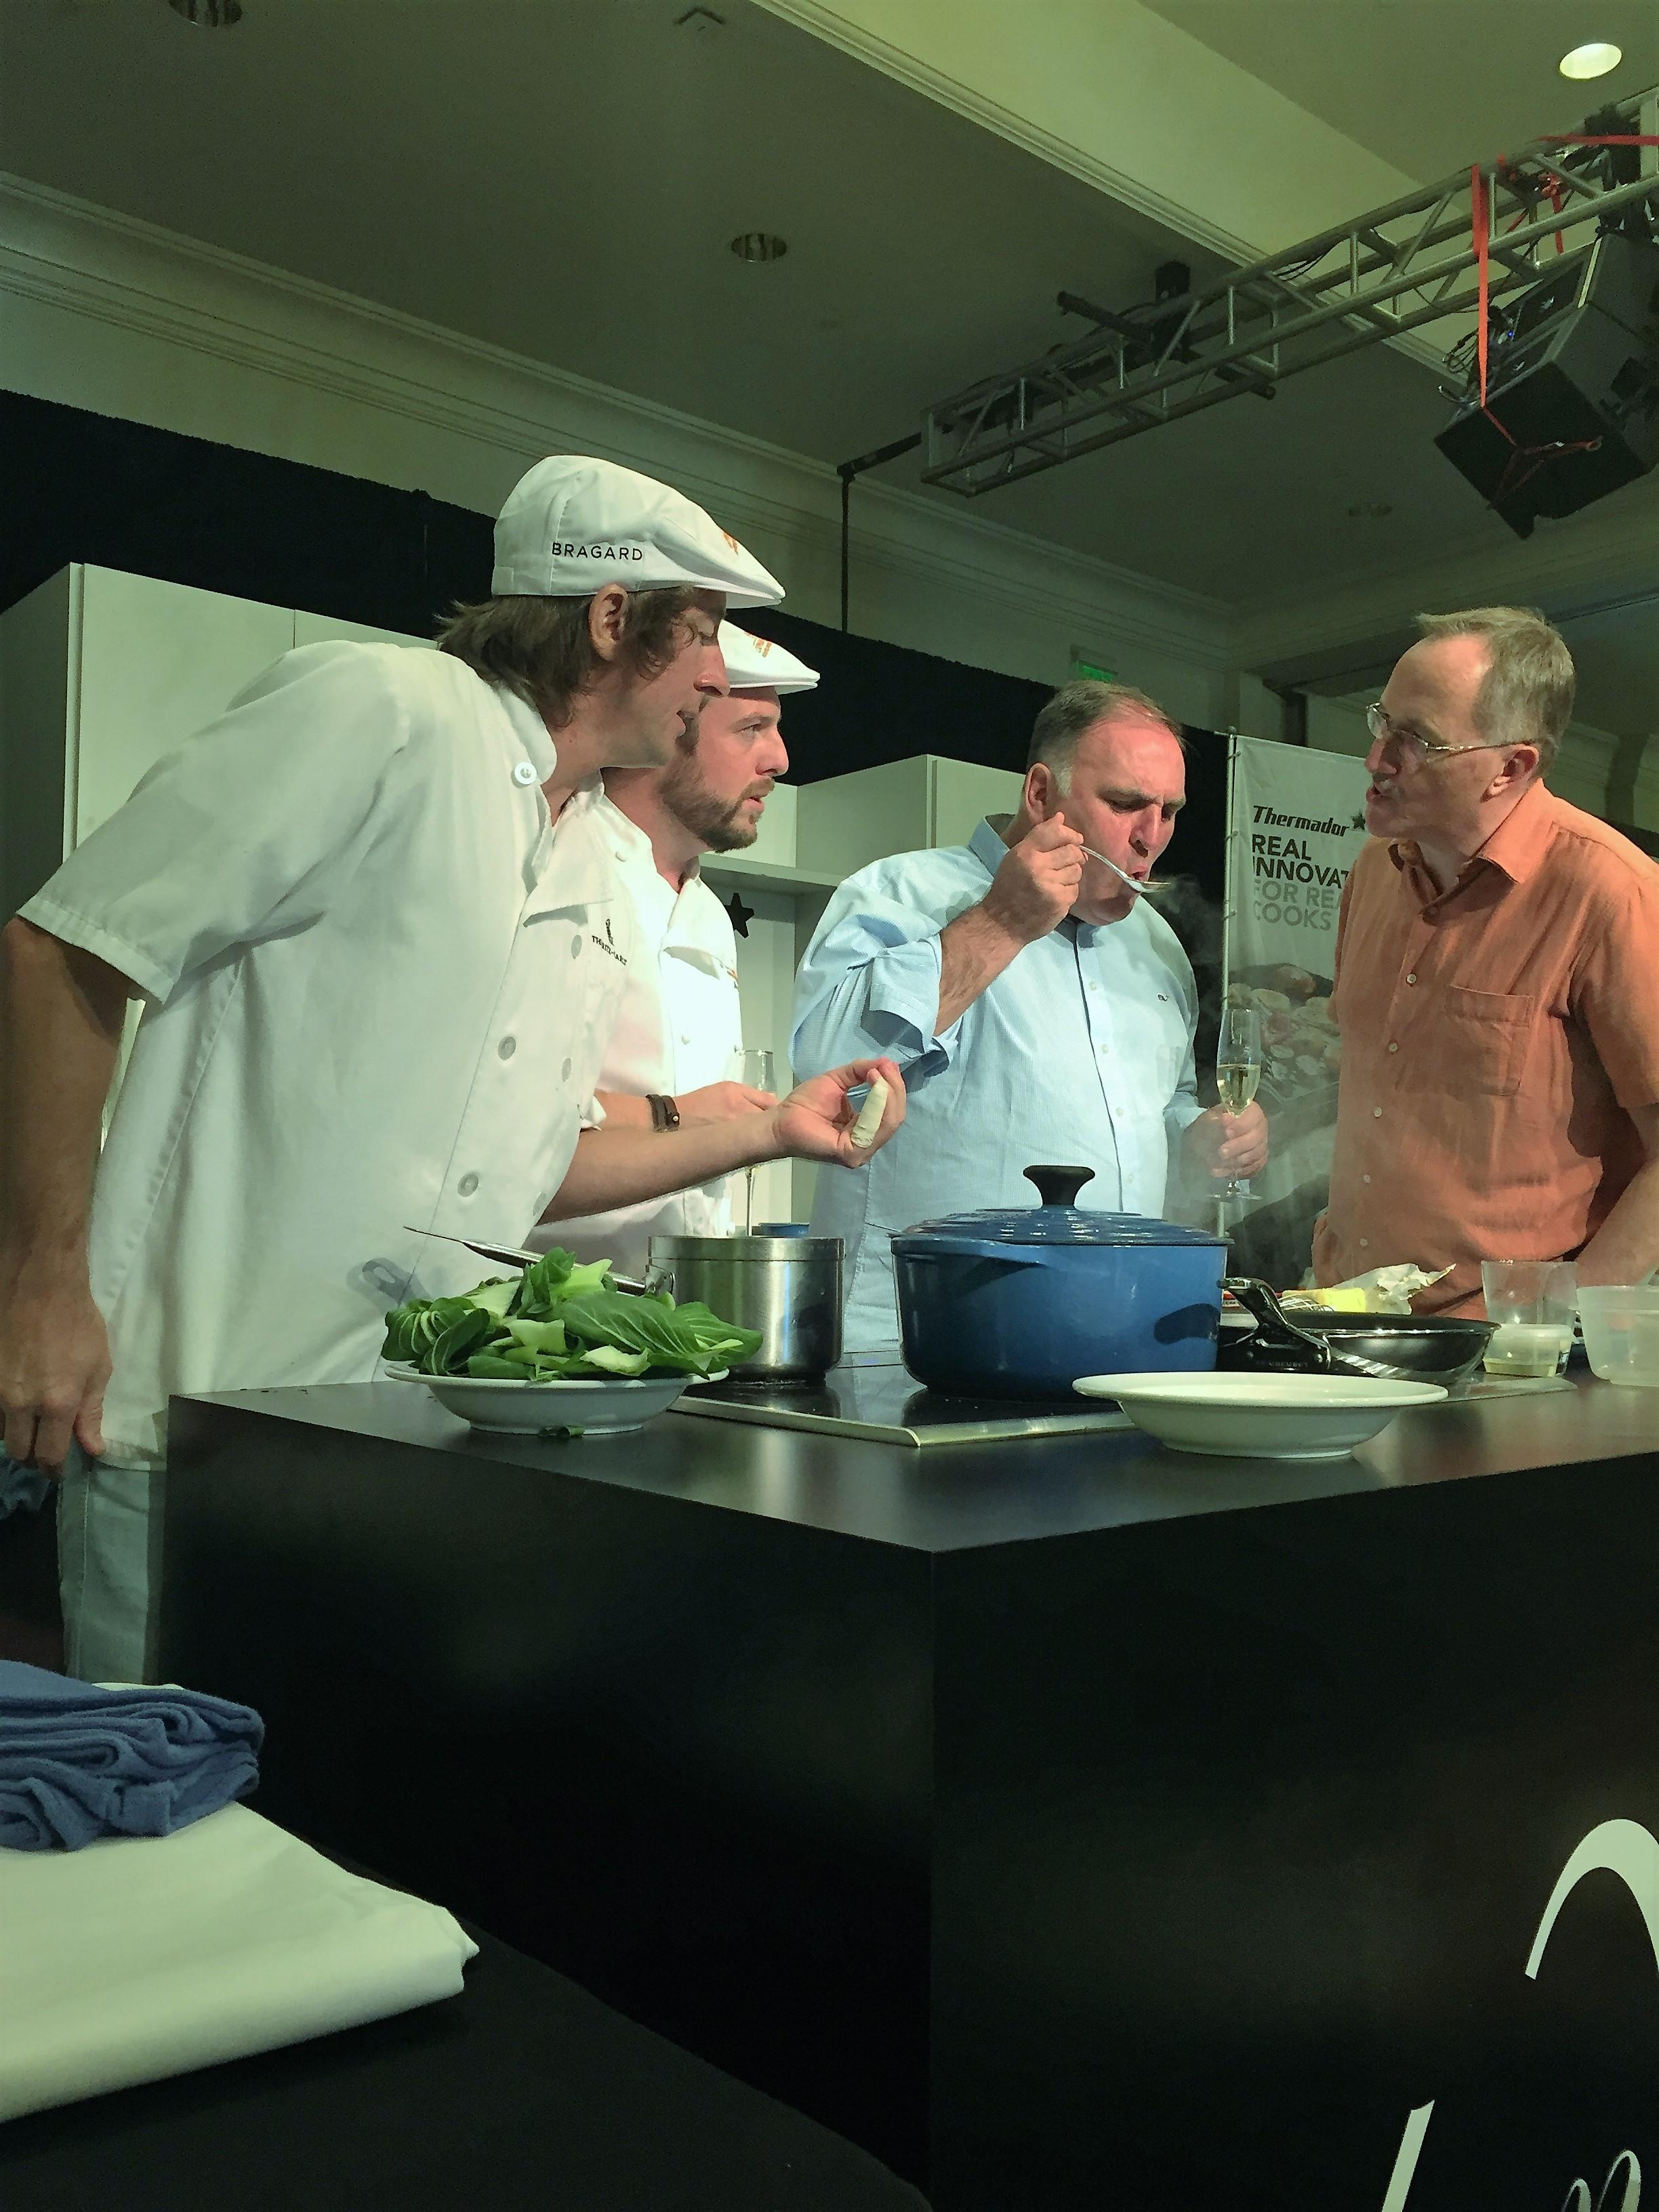 Chef José Andrés tasting amateur chef Neville Hicks' dish